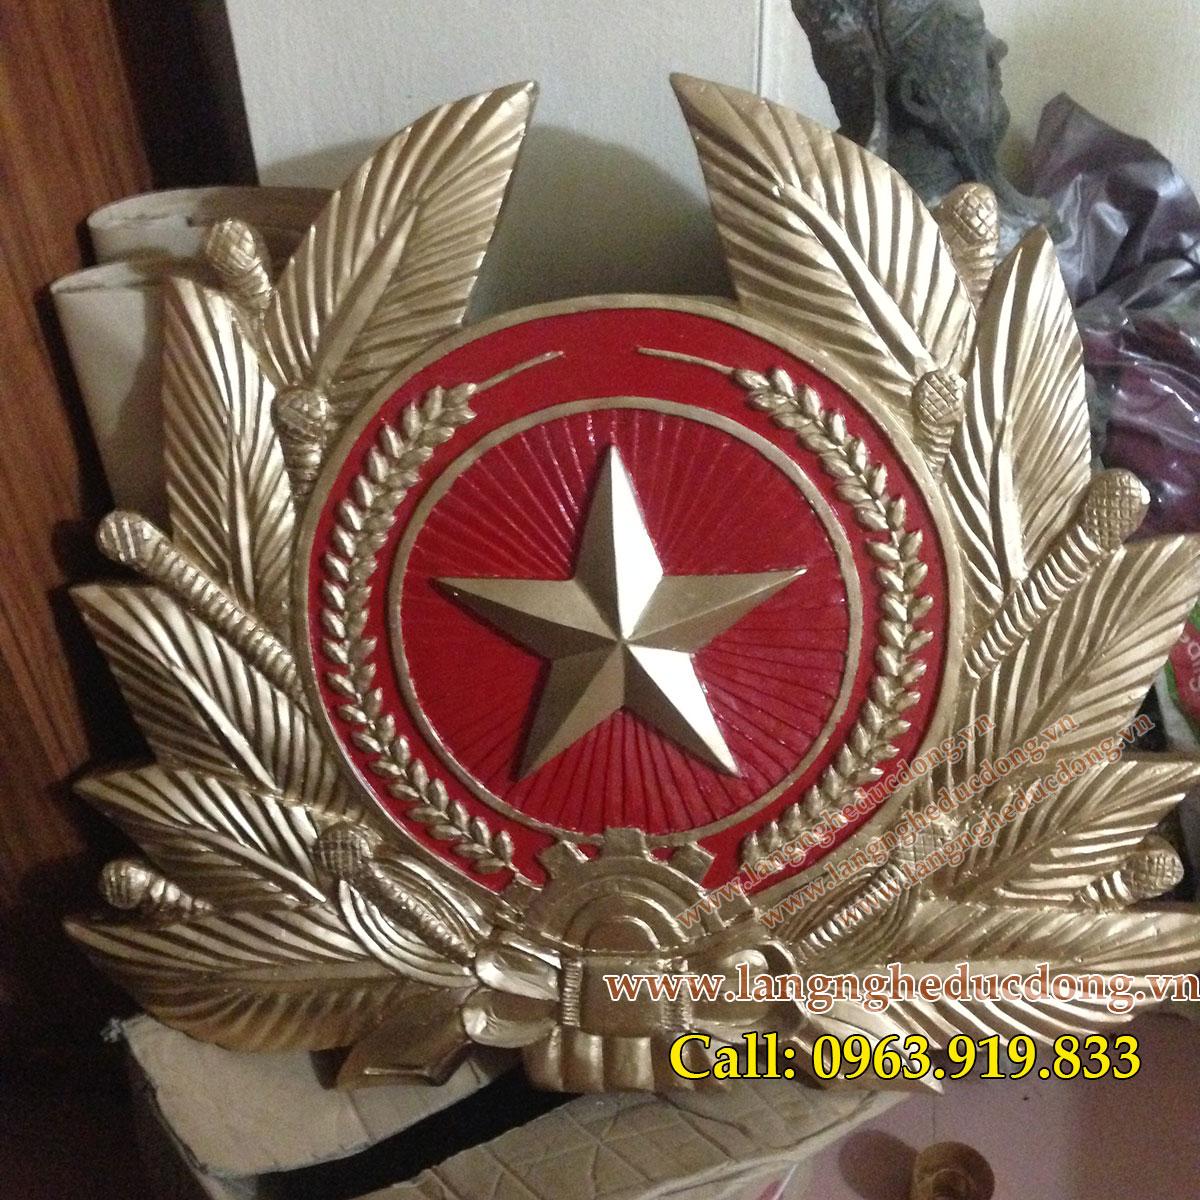 phù điêu huy hiệu quân đội nhân dân việt nam bằng nhựa tổng hợp composite